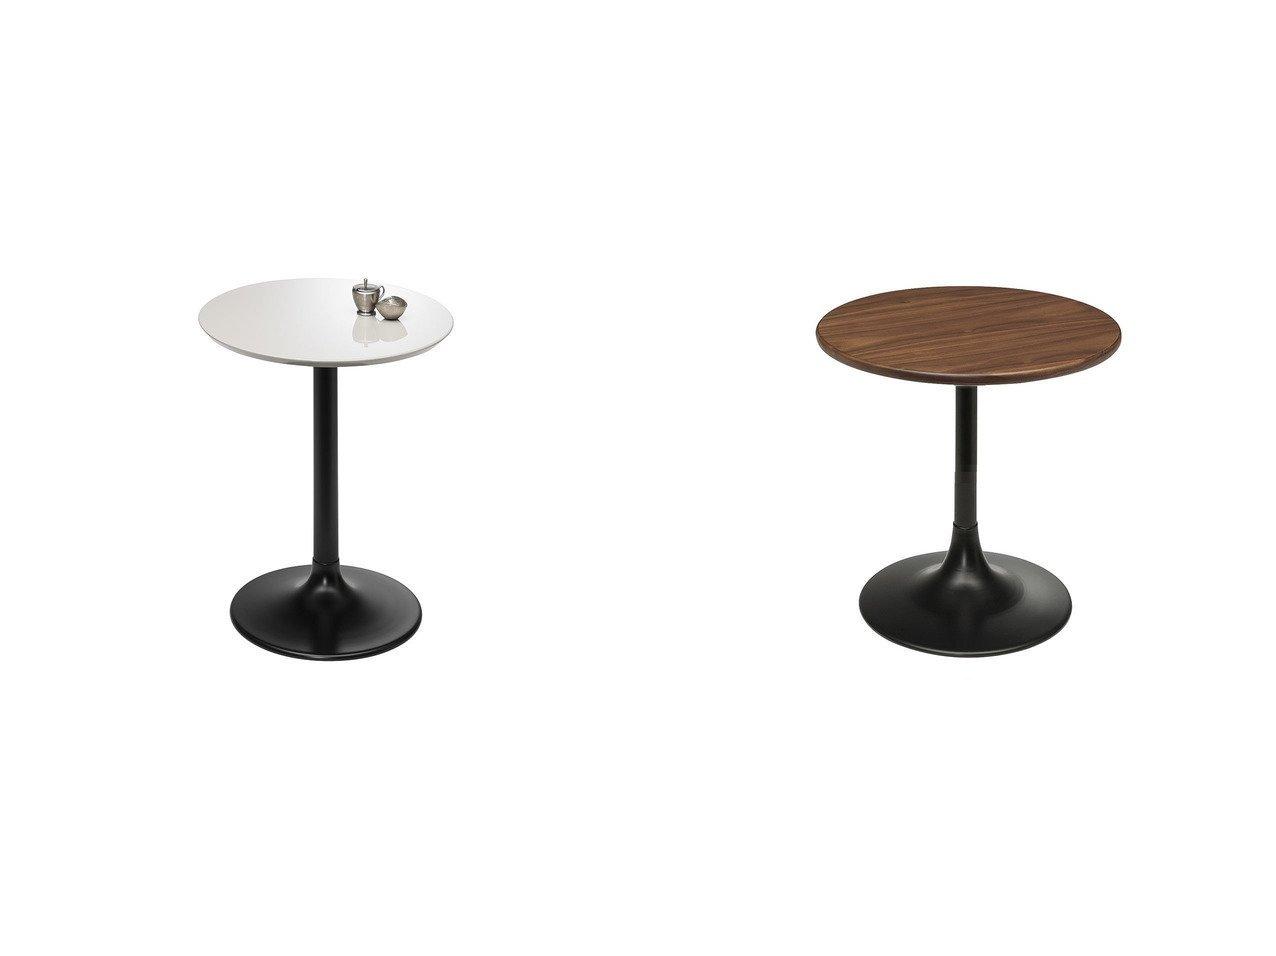 【FLYMEe Noir/フライミー ノワール】のサイドテーブル 高さ60cm f58263(UV塗装)&サイドテーブル 高さ49cm f58262(ウォールナット ウレタン塗装) 【FURNITURE】おすすめ!人気、インテリア・家具の通販 おすすめで人気の流行・トレンド、ファッションの通販商品 メンズファッション・キッズファッション・インテリア・家具・レディースファッション・服の通販 founy(ファニー) https://founy.com/ 送料無料 Free Shipping テーブル ホーム・キャンプ・アウトドア Home,Garden,Outdoor,Camping Gear 家具・インテリア Furniture テーブル Table サイドテーブル・小テーブル |ID:crp329100000039779